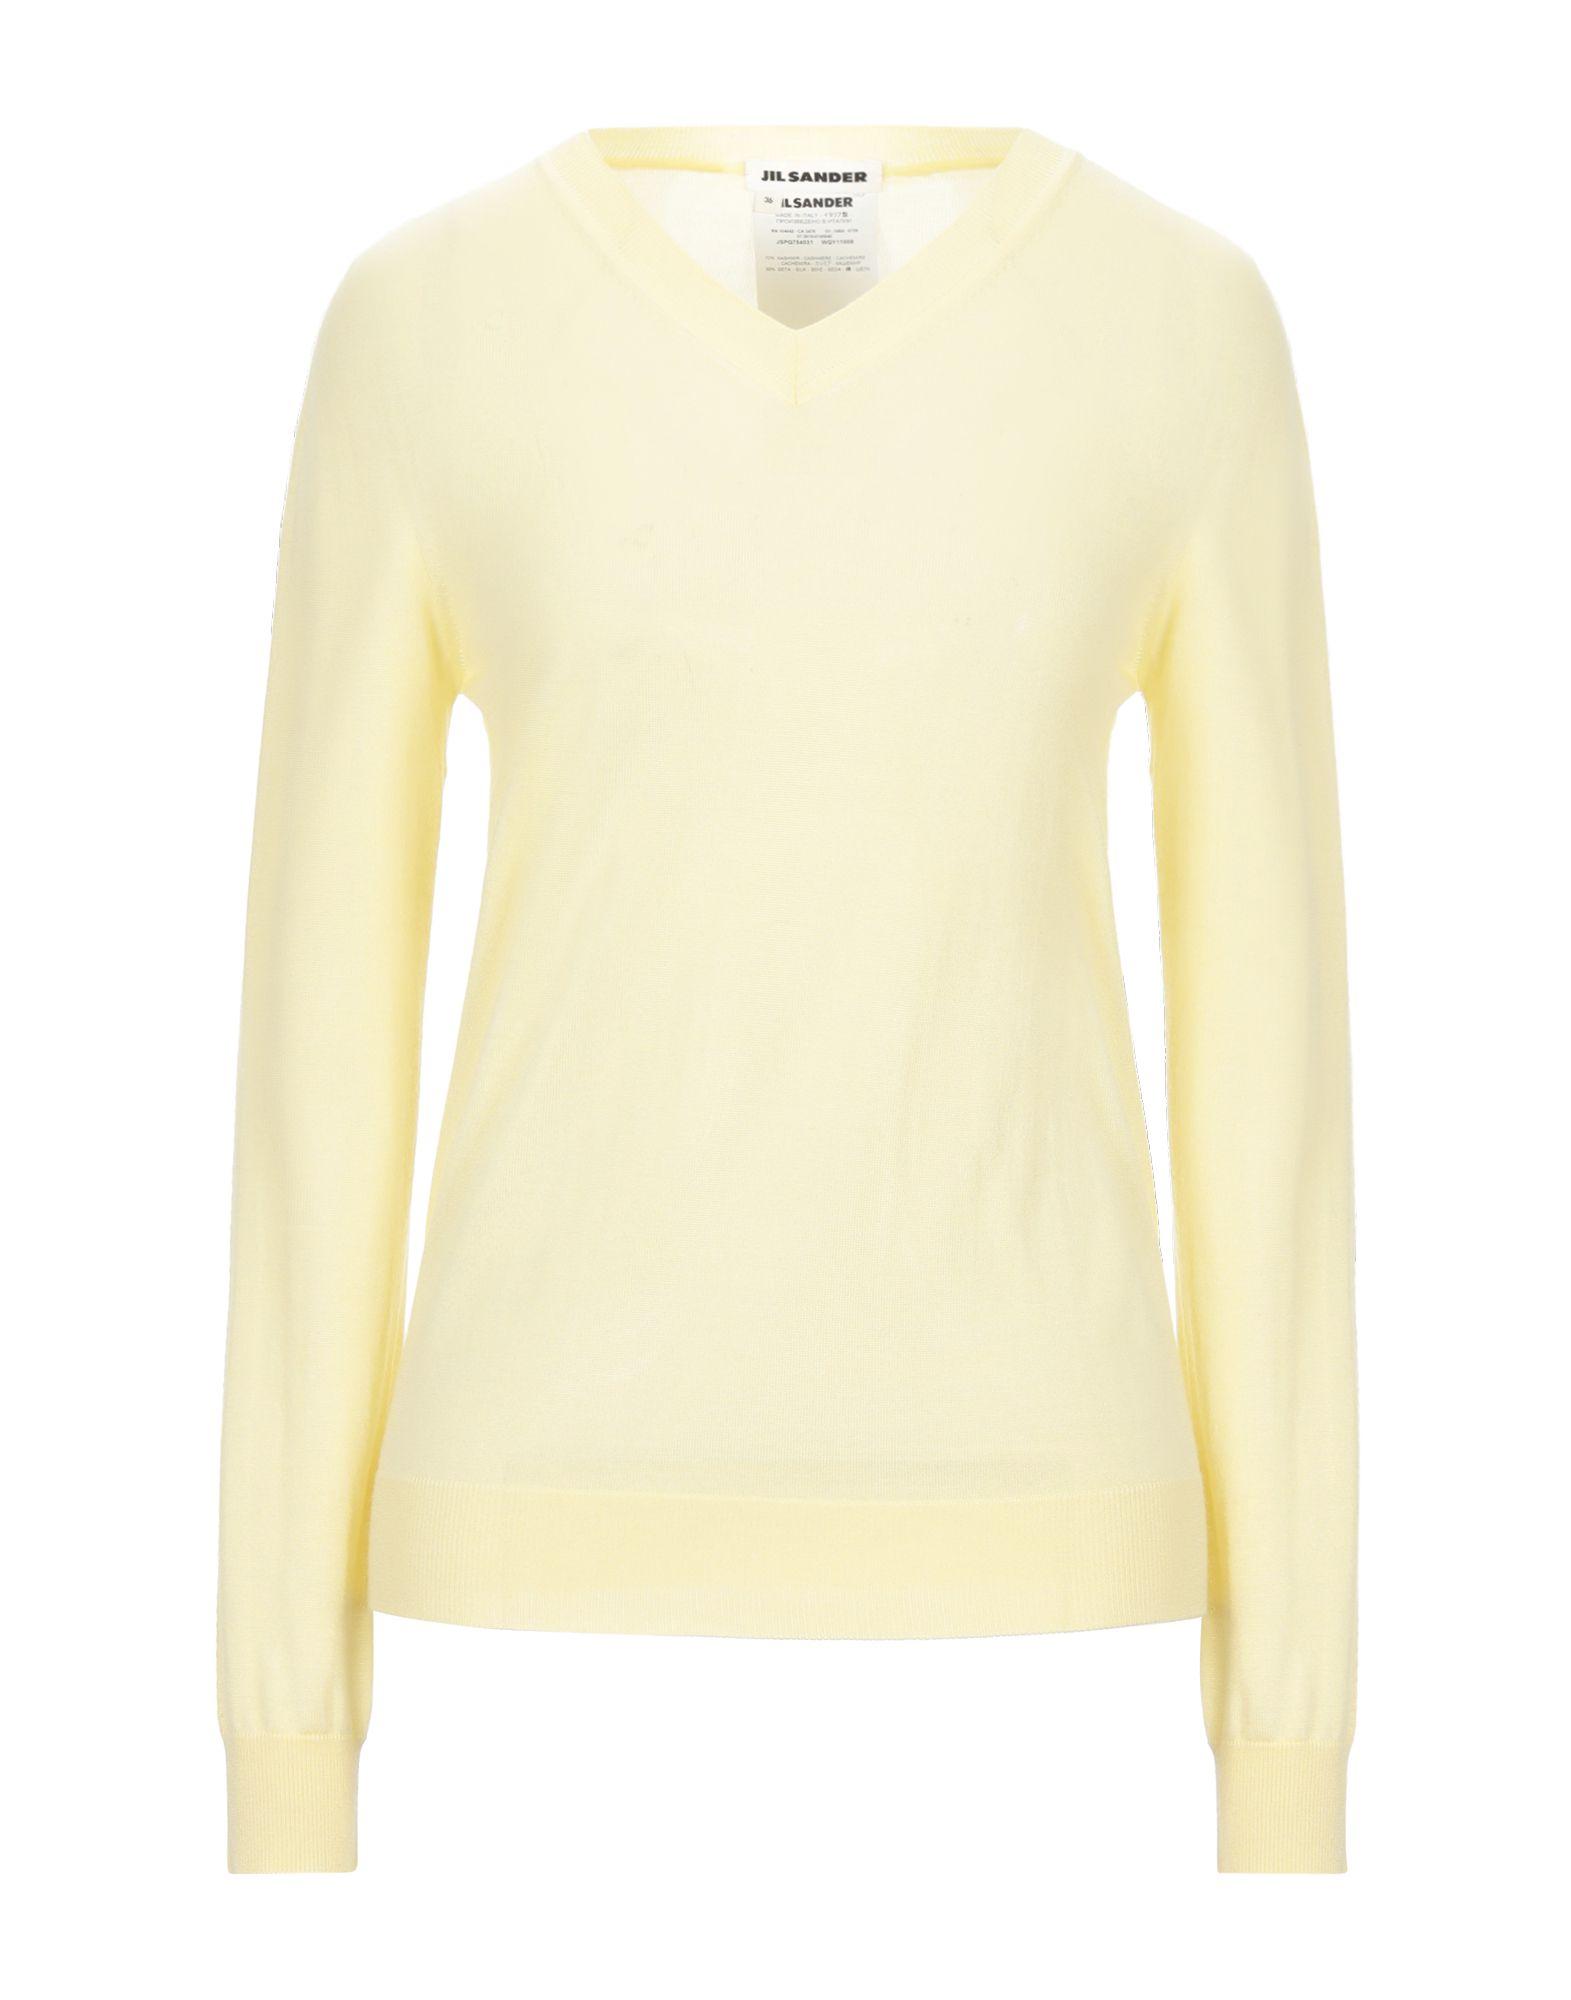 JIL SANDER Sweaters - Item 14084213